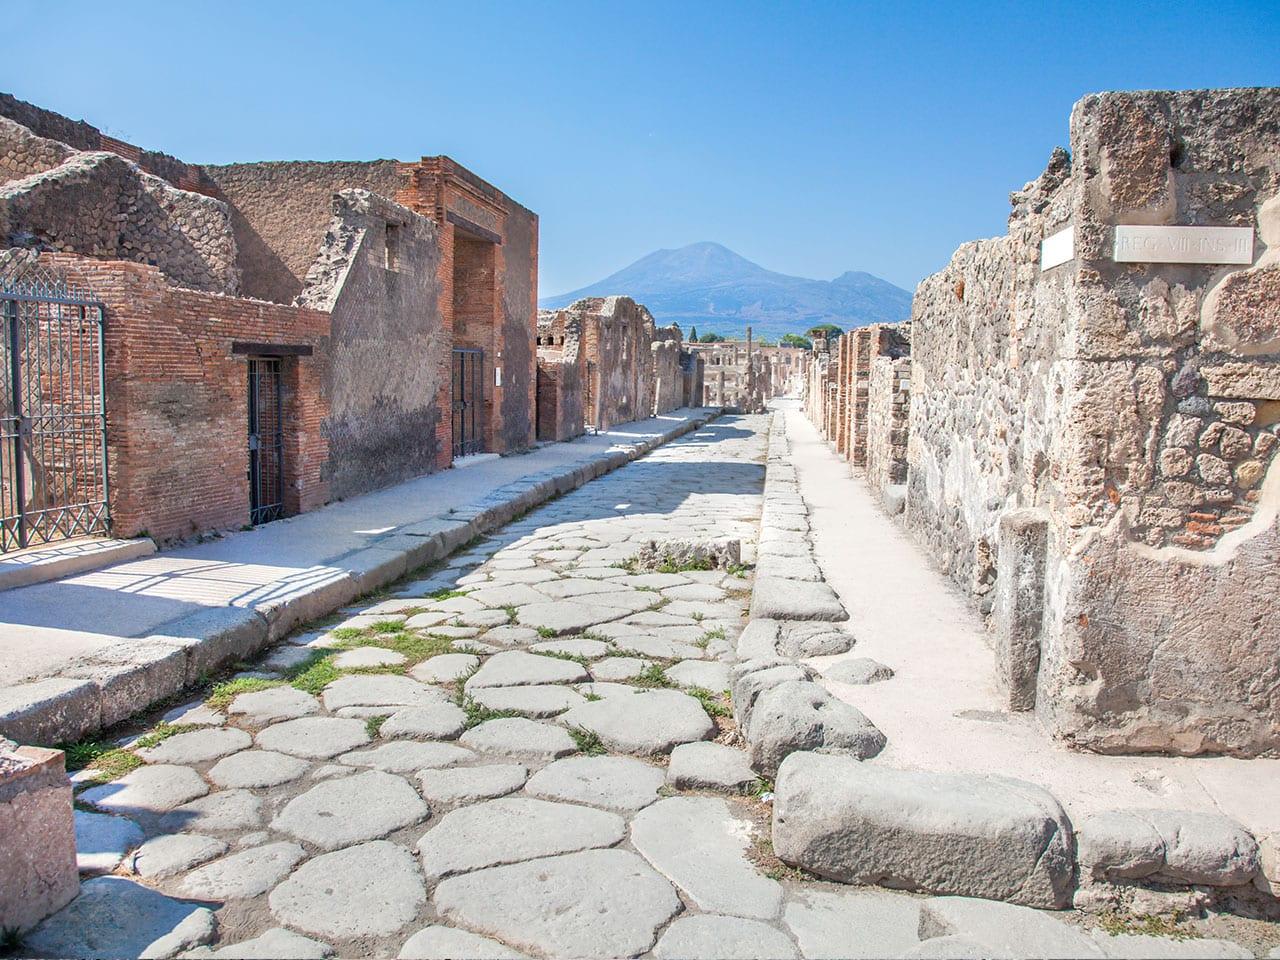 L'ancienne Pompéi aujourd'hui, après l'éruption du Vésuve.